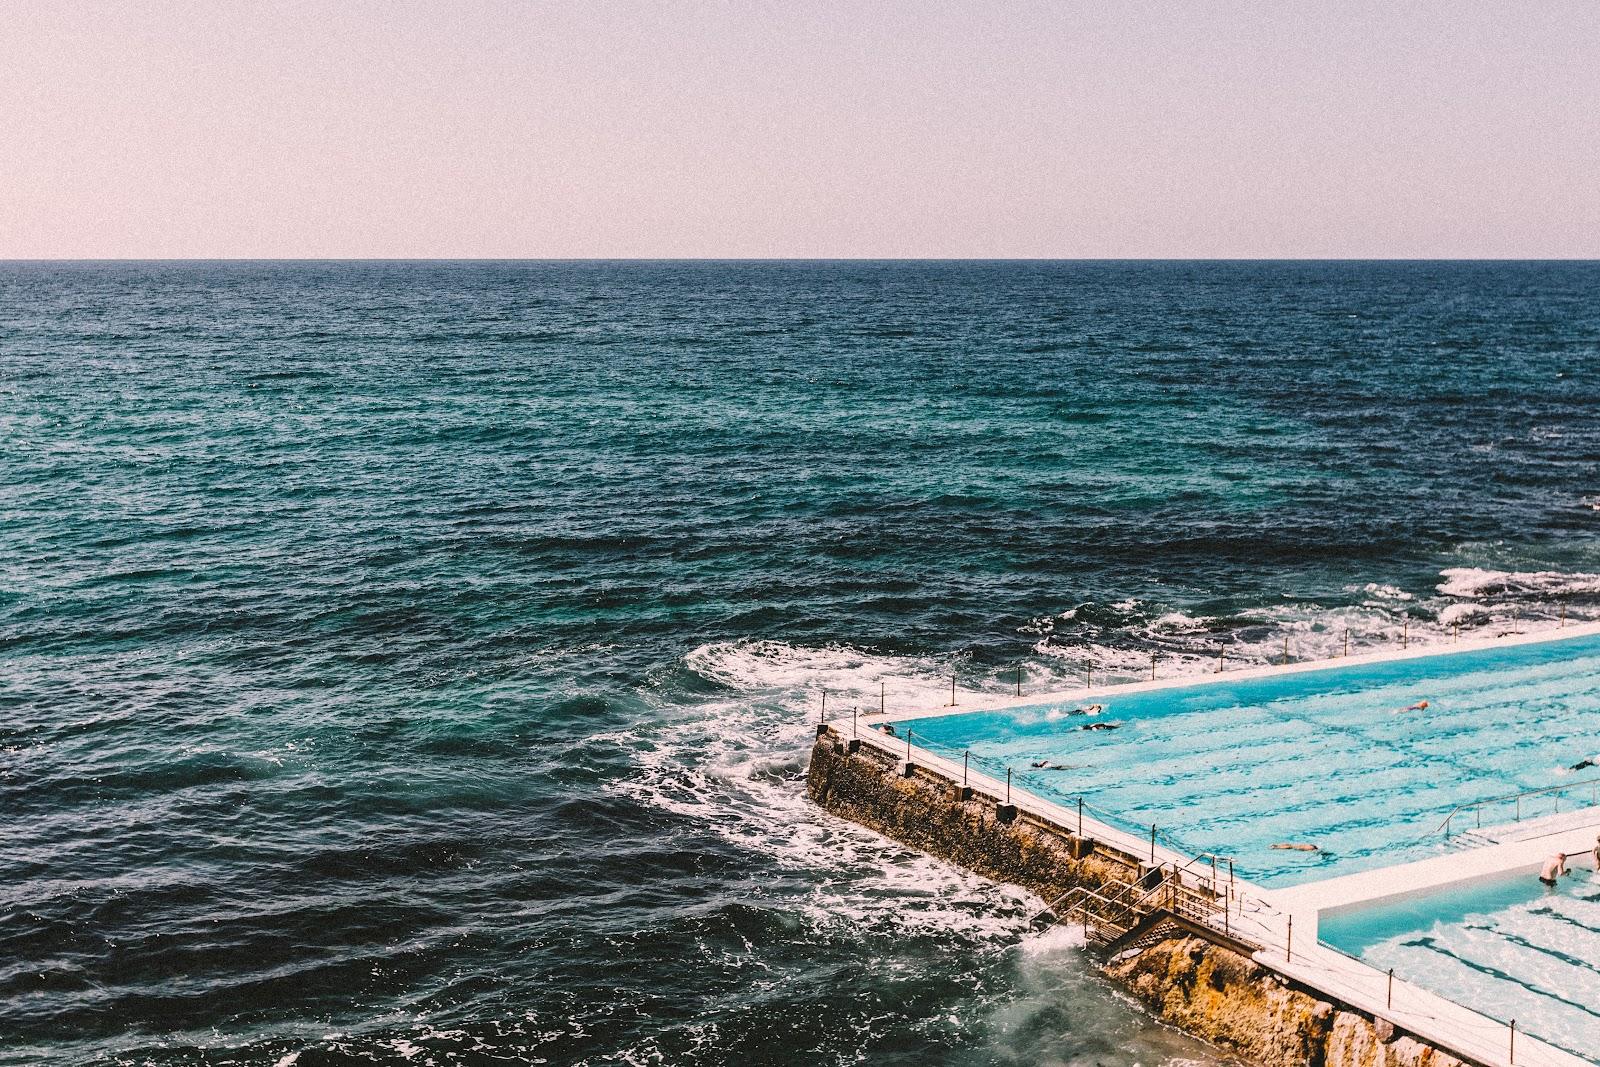 The iconic rock pool in Bondi Beach